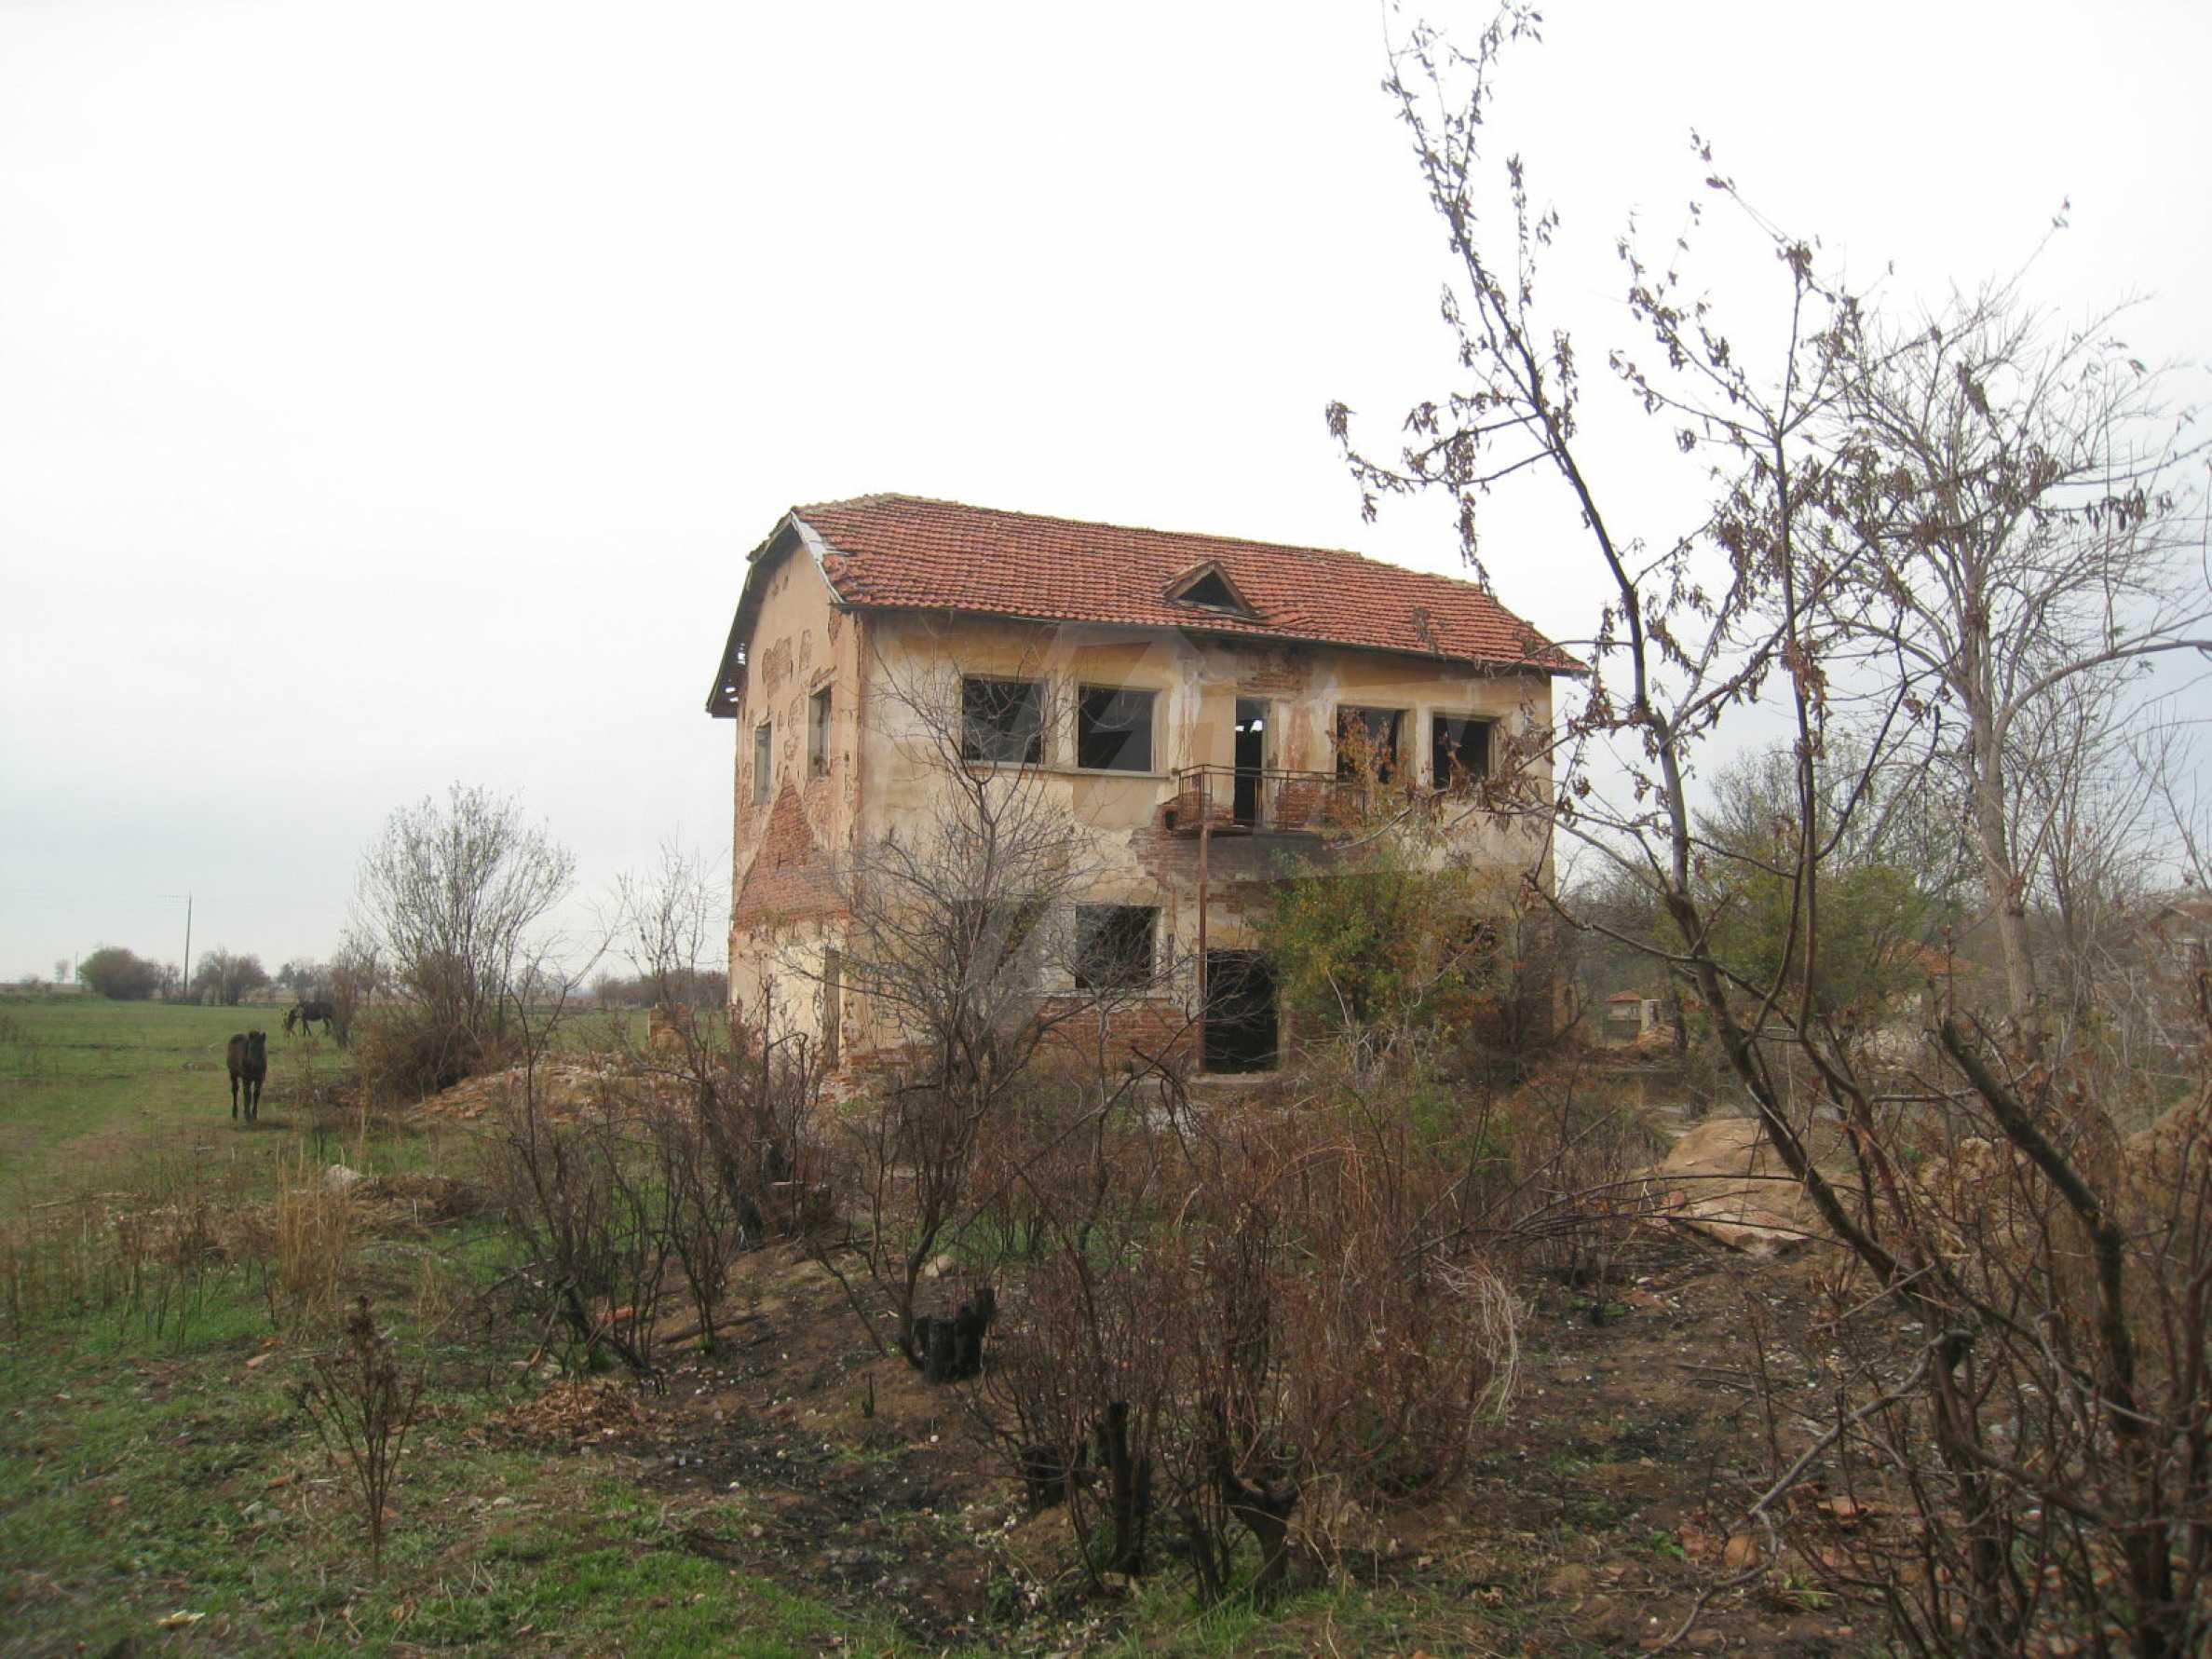 Solides dreistöckiges Gebäude (ehemalige Mühle) mit Hof in der Nähe von Elin Pelin 2